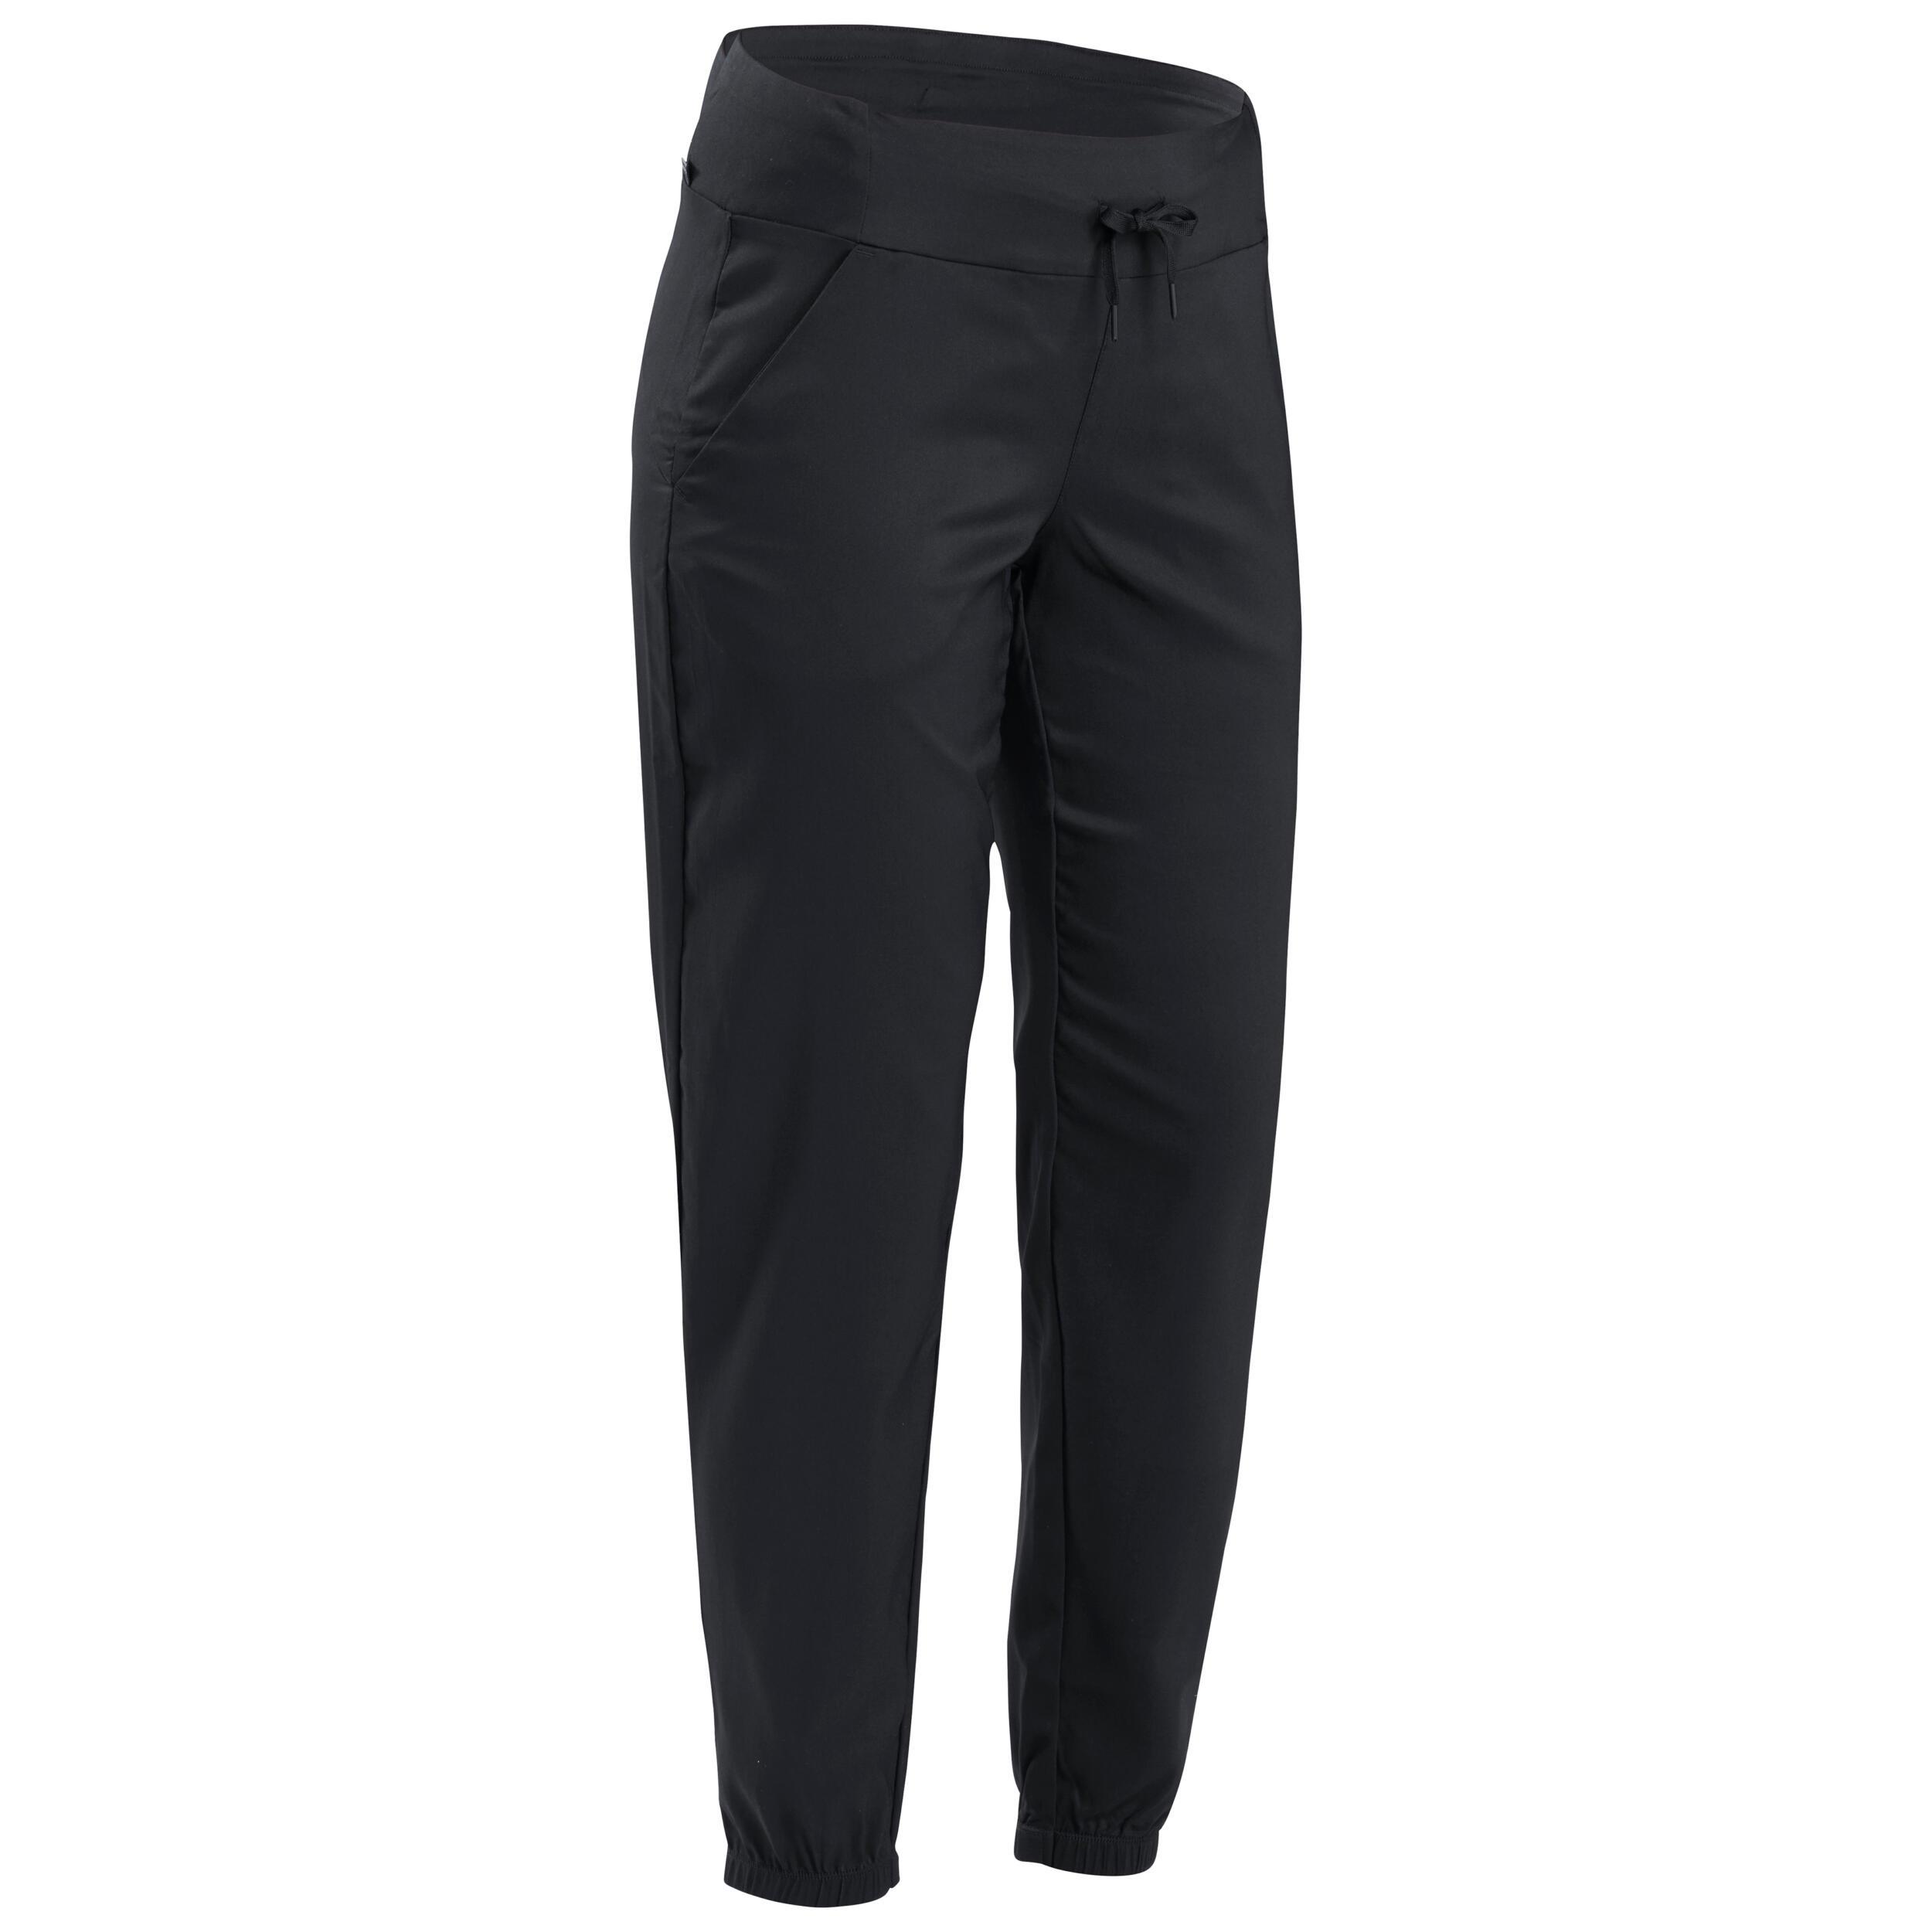 Pantalon NH100 Negru Damă la Reducere poza